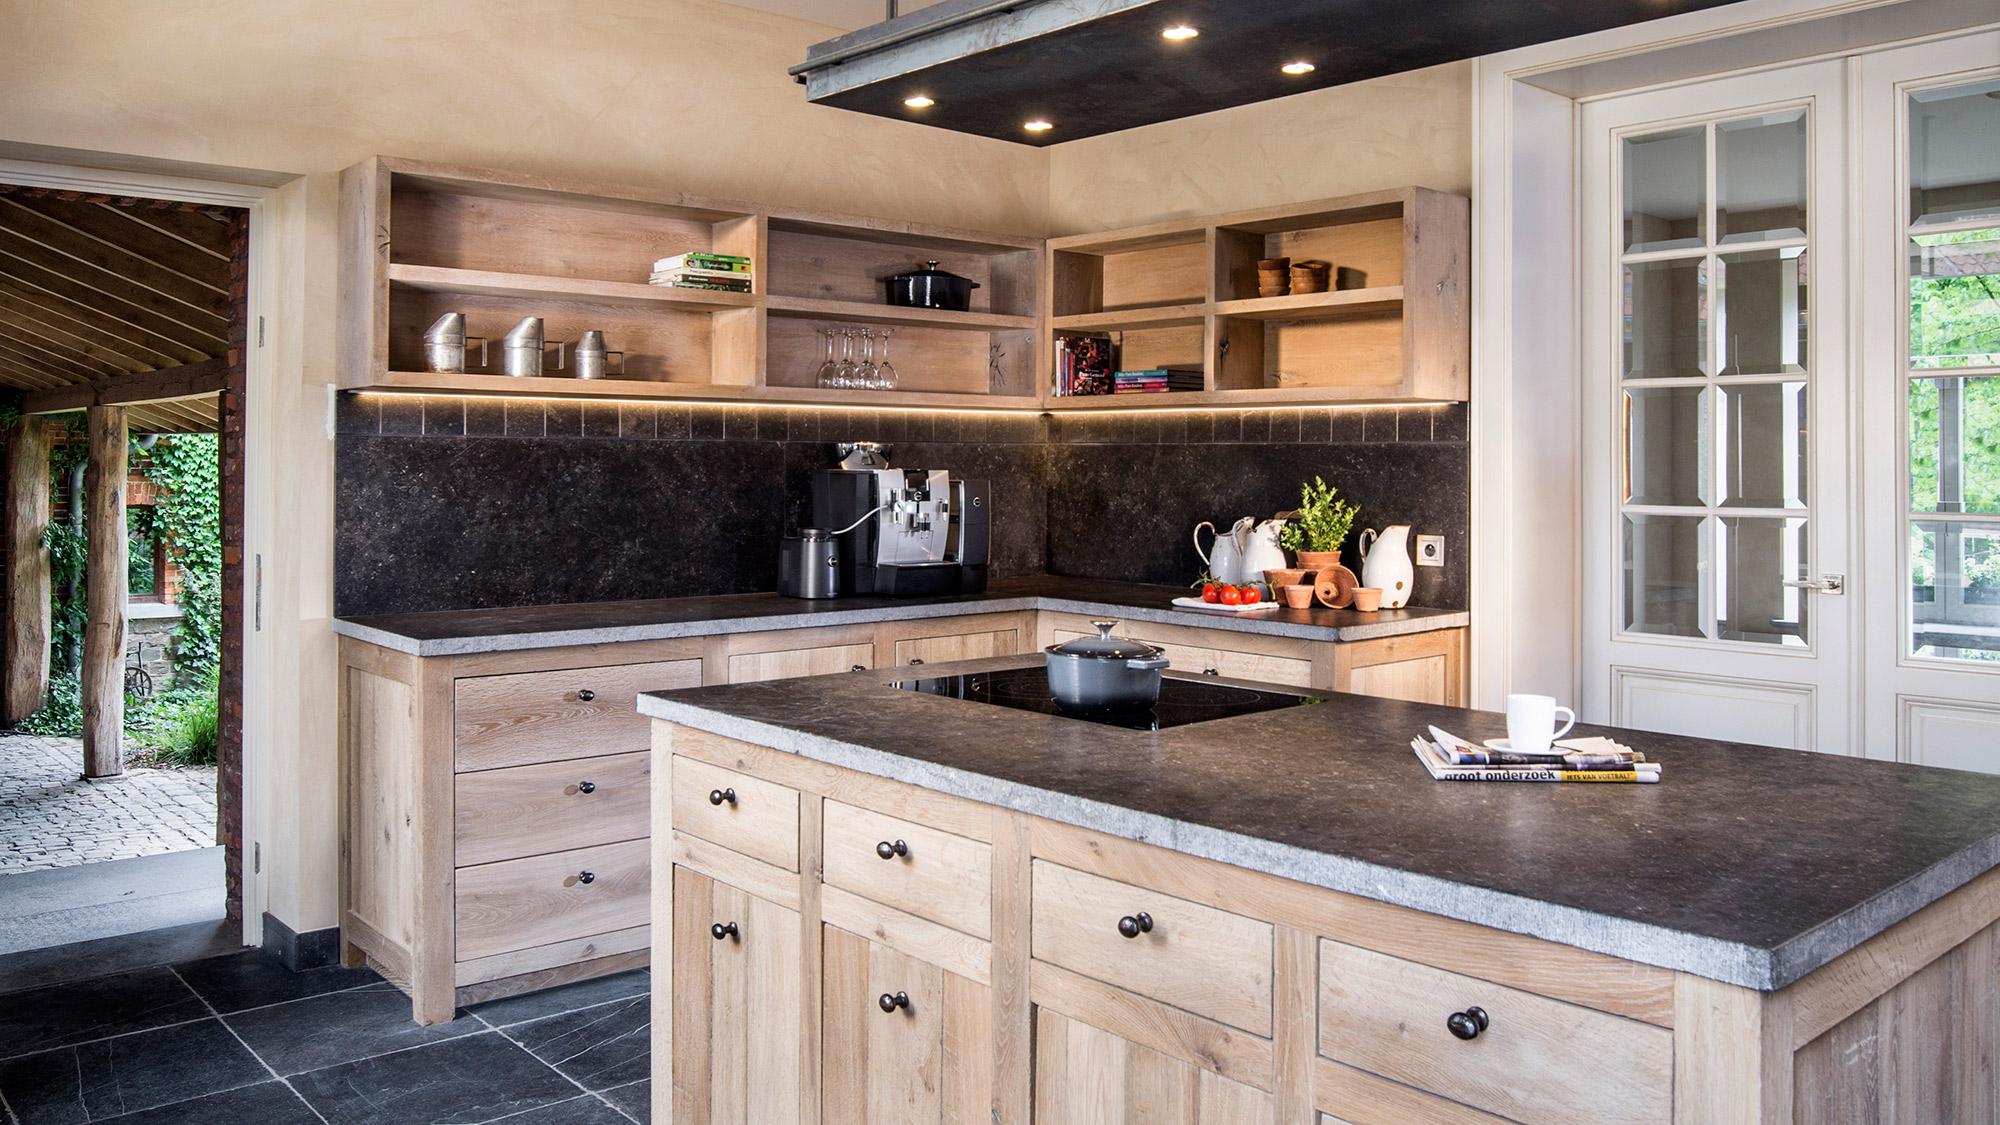 Cuisines cuisine pierre bleue et bois massif quotes - Keuken geesten campagne ...